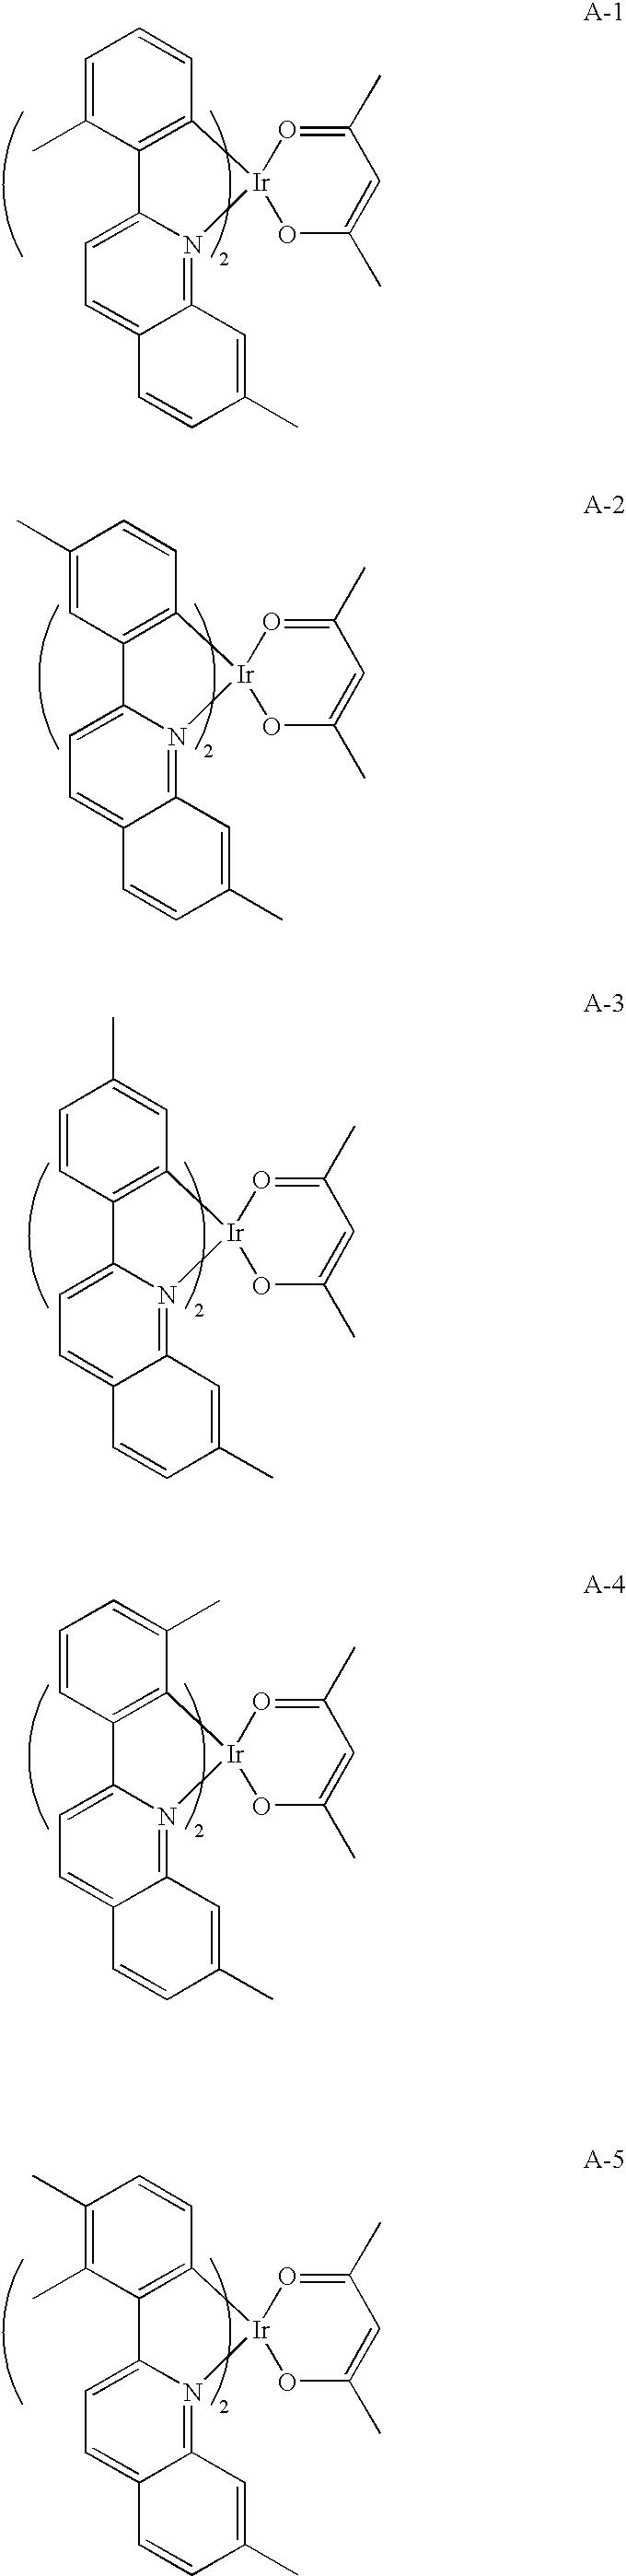 Figure US20060202194A1-20060914-C00015